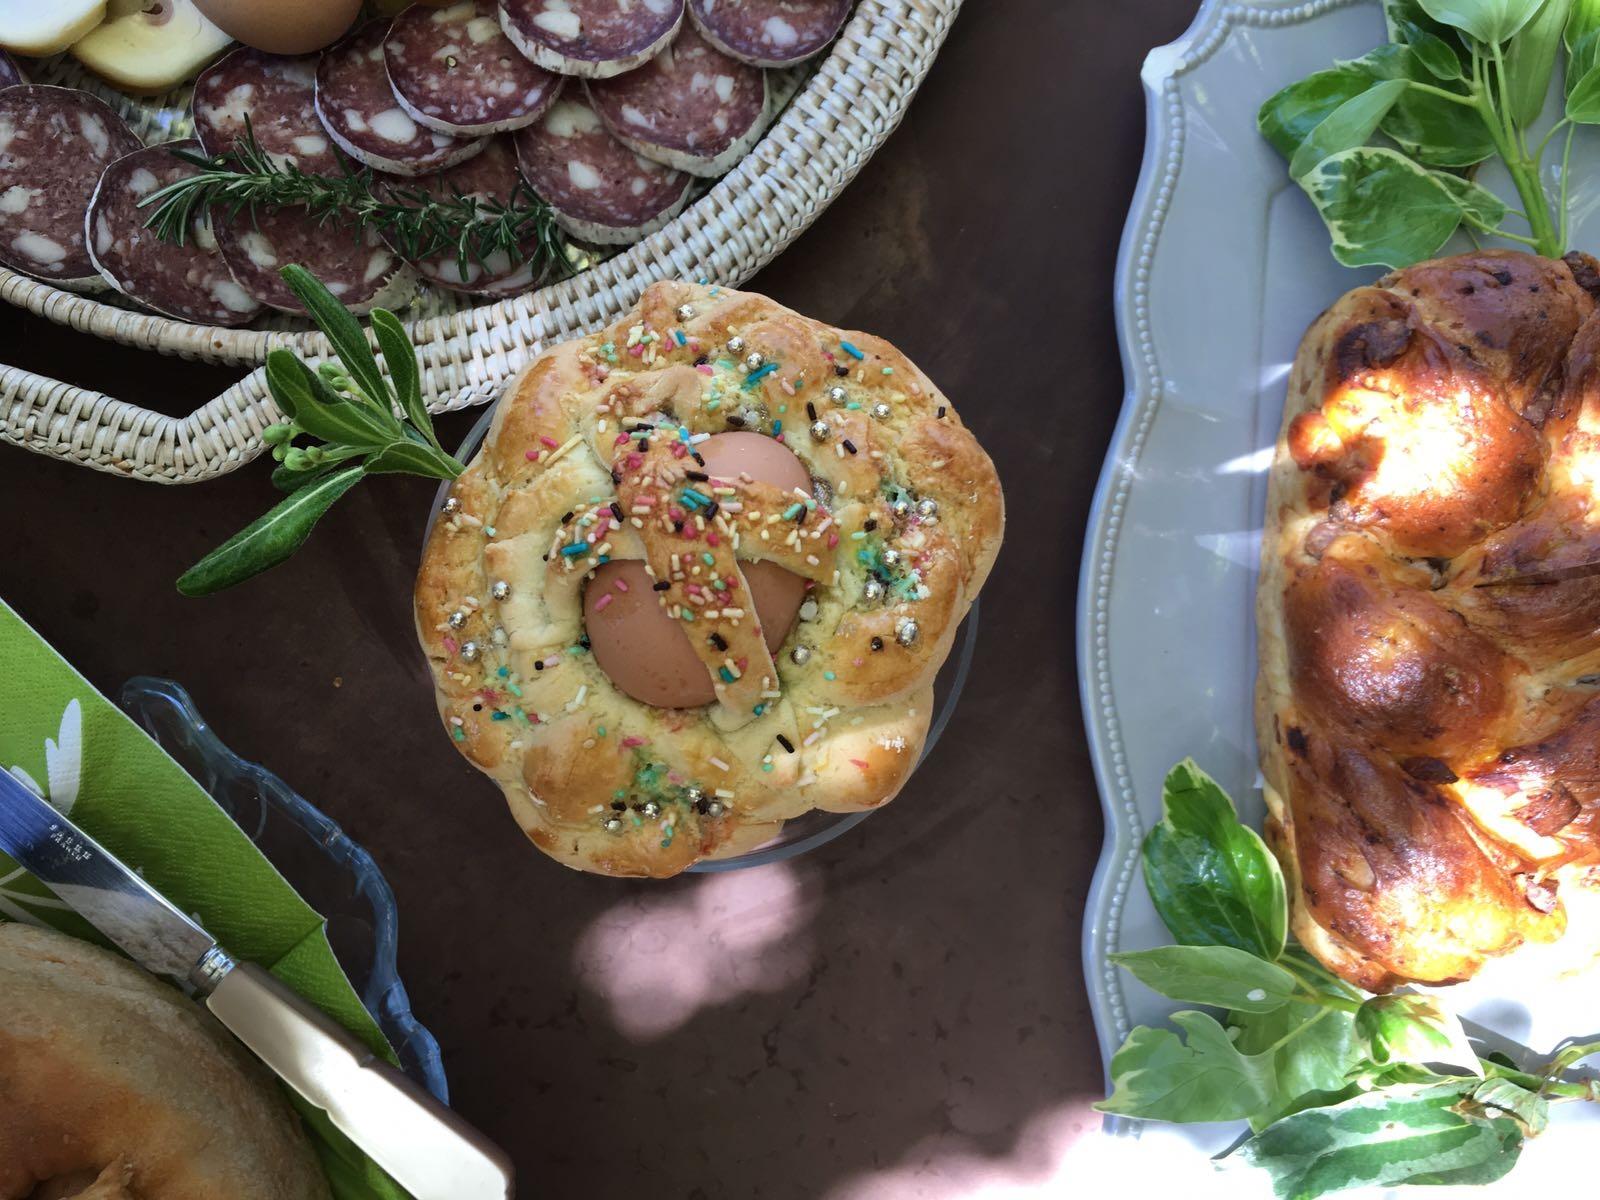 Pic-nic di Pasqua - Per festeggiare con un tocco di originalità, mettete tutto nel cestino. E buona Pasqua open air!